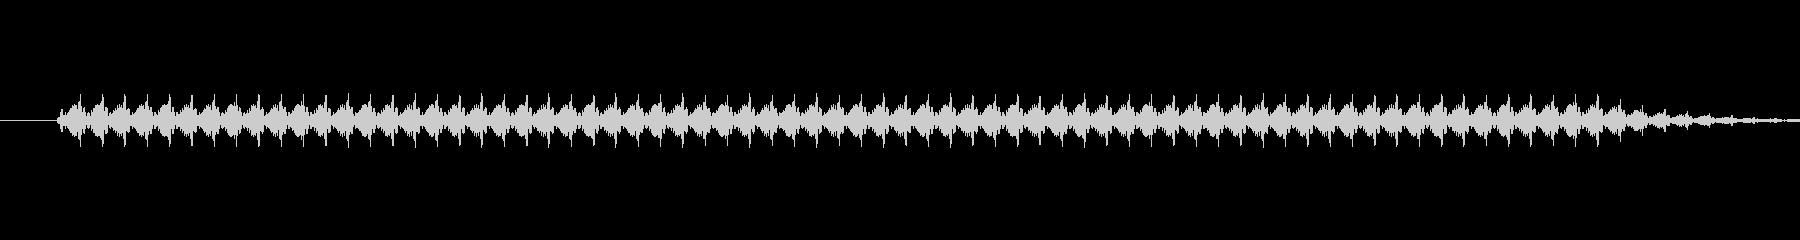 ボタンのブザー。ロボットコンピューター。の未再生の波形